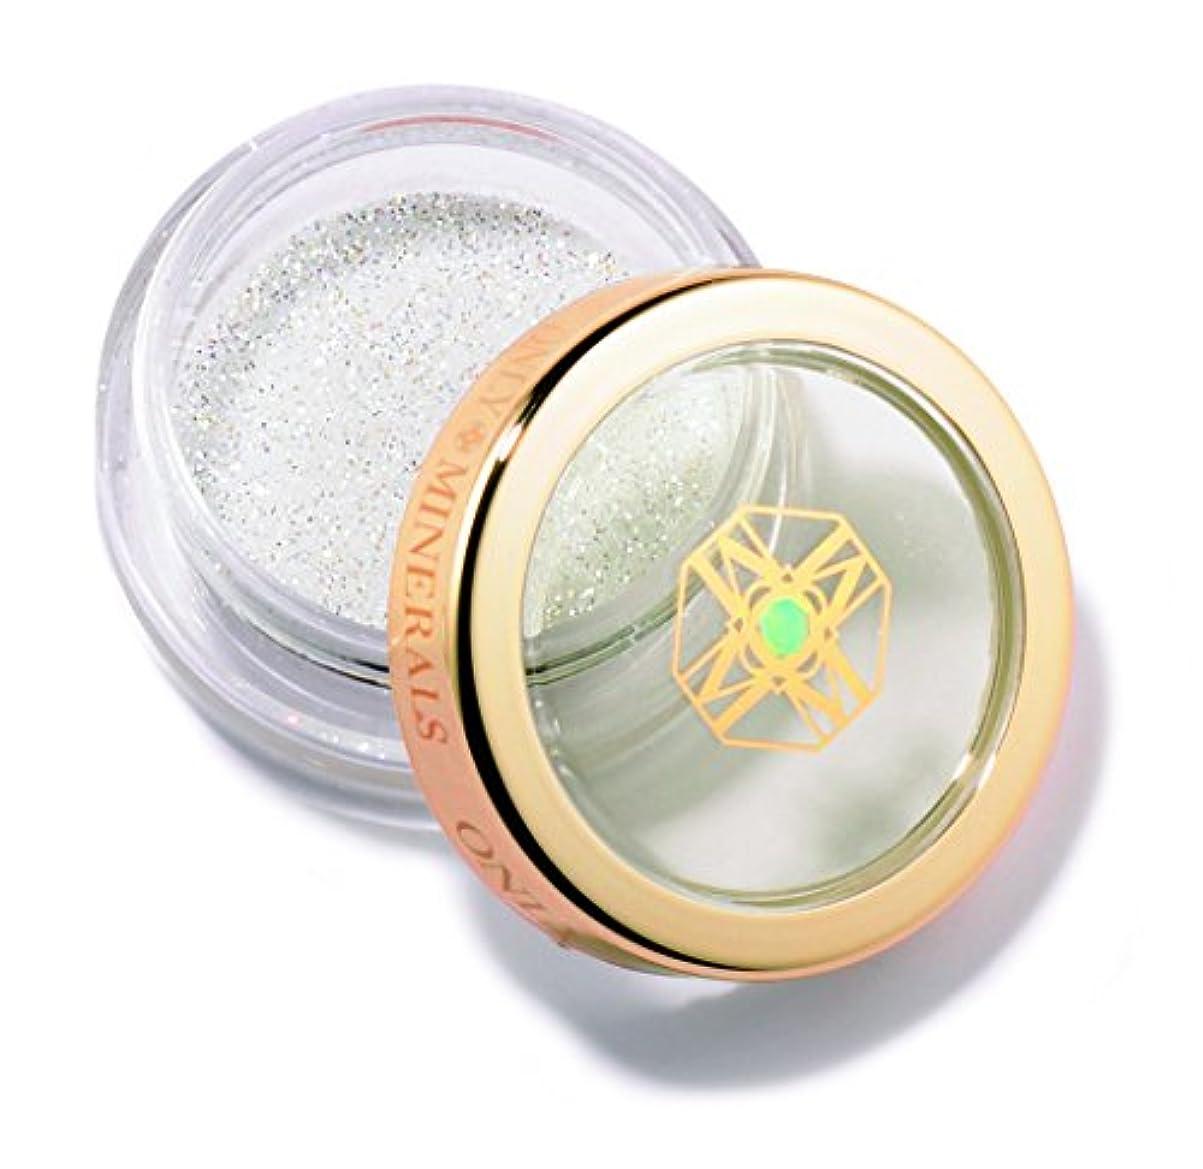 口ひげ二次洗剤オンリーミネラル アイシャドウ ダイヤモンドグリッター 0.5g